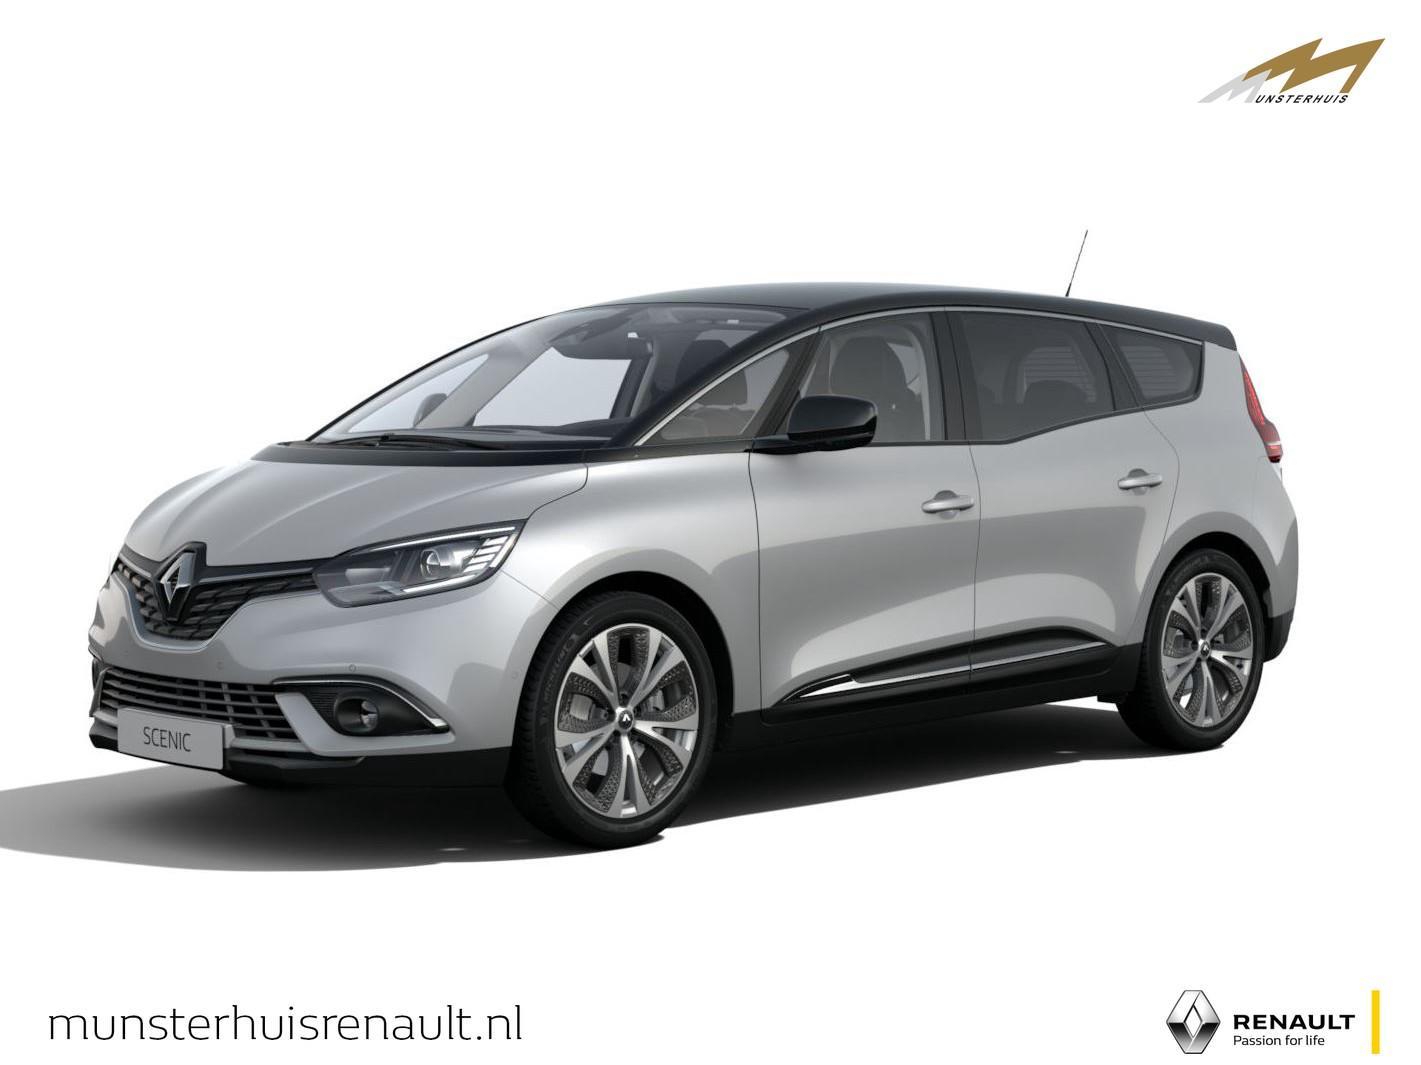 Renault Grand scénic Tce 140 edc intens - nieuw - automaat - wordt verwacht